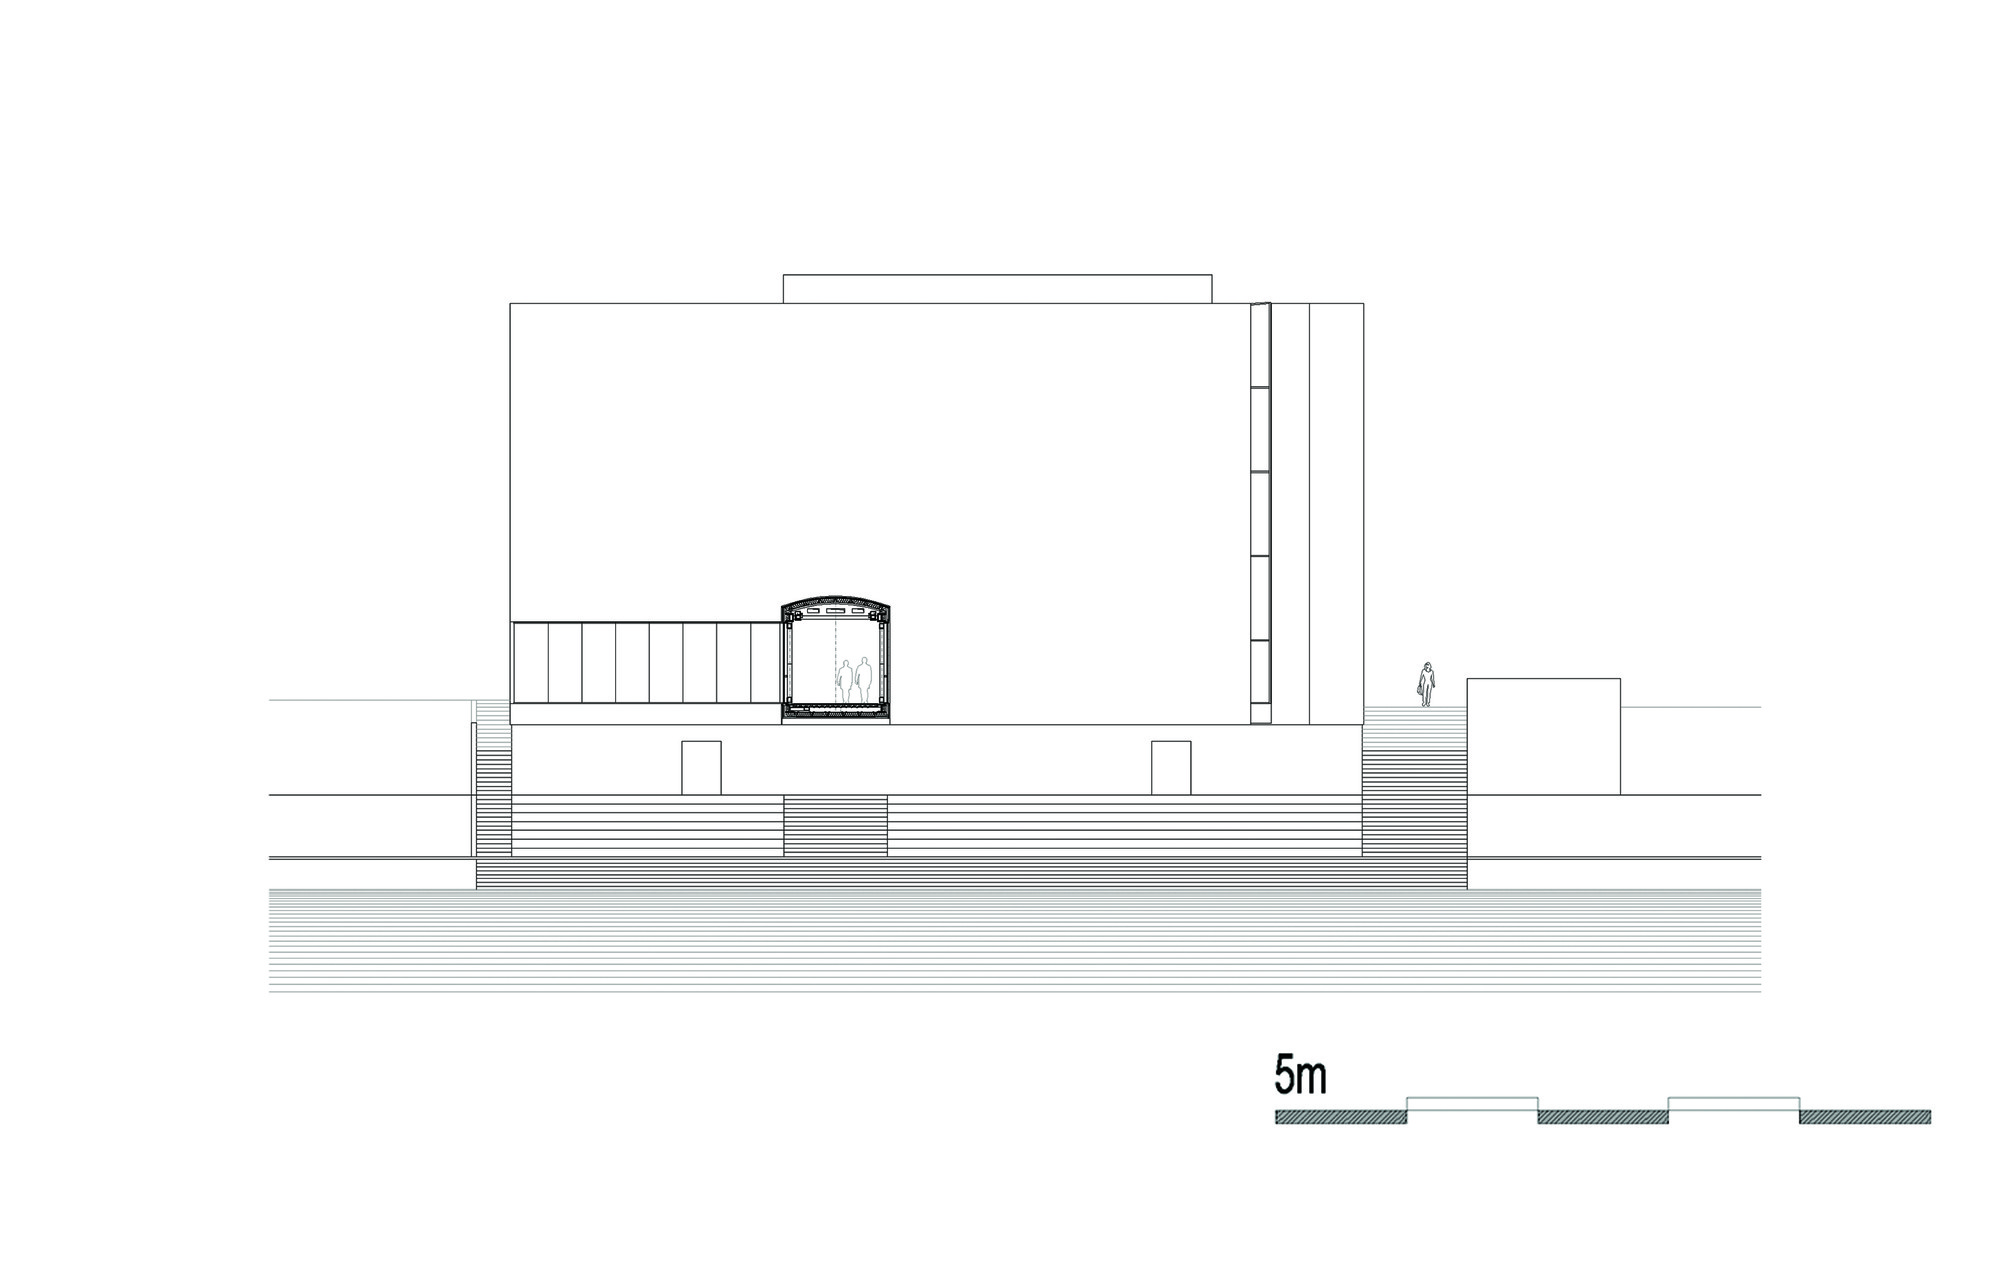 Galer a de ichot puerta de poznan ad artis architects 44 for Ad architects